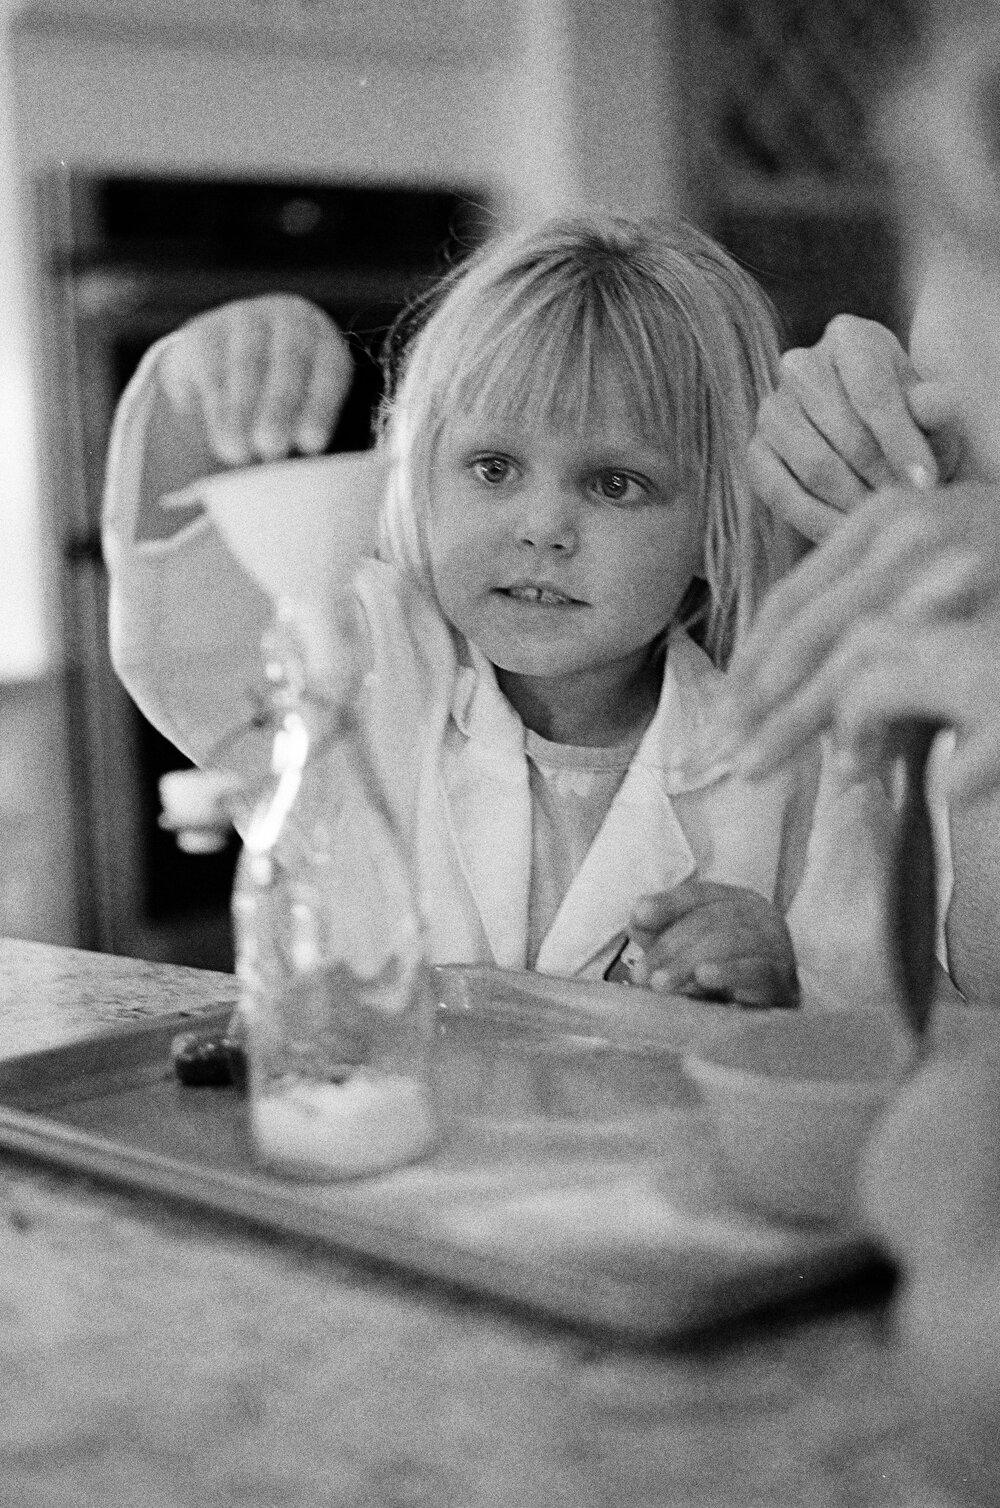 04-Leica-M-A-Kids-Chemistry-Ellie-Smiles-6.jpg